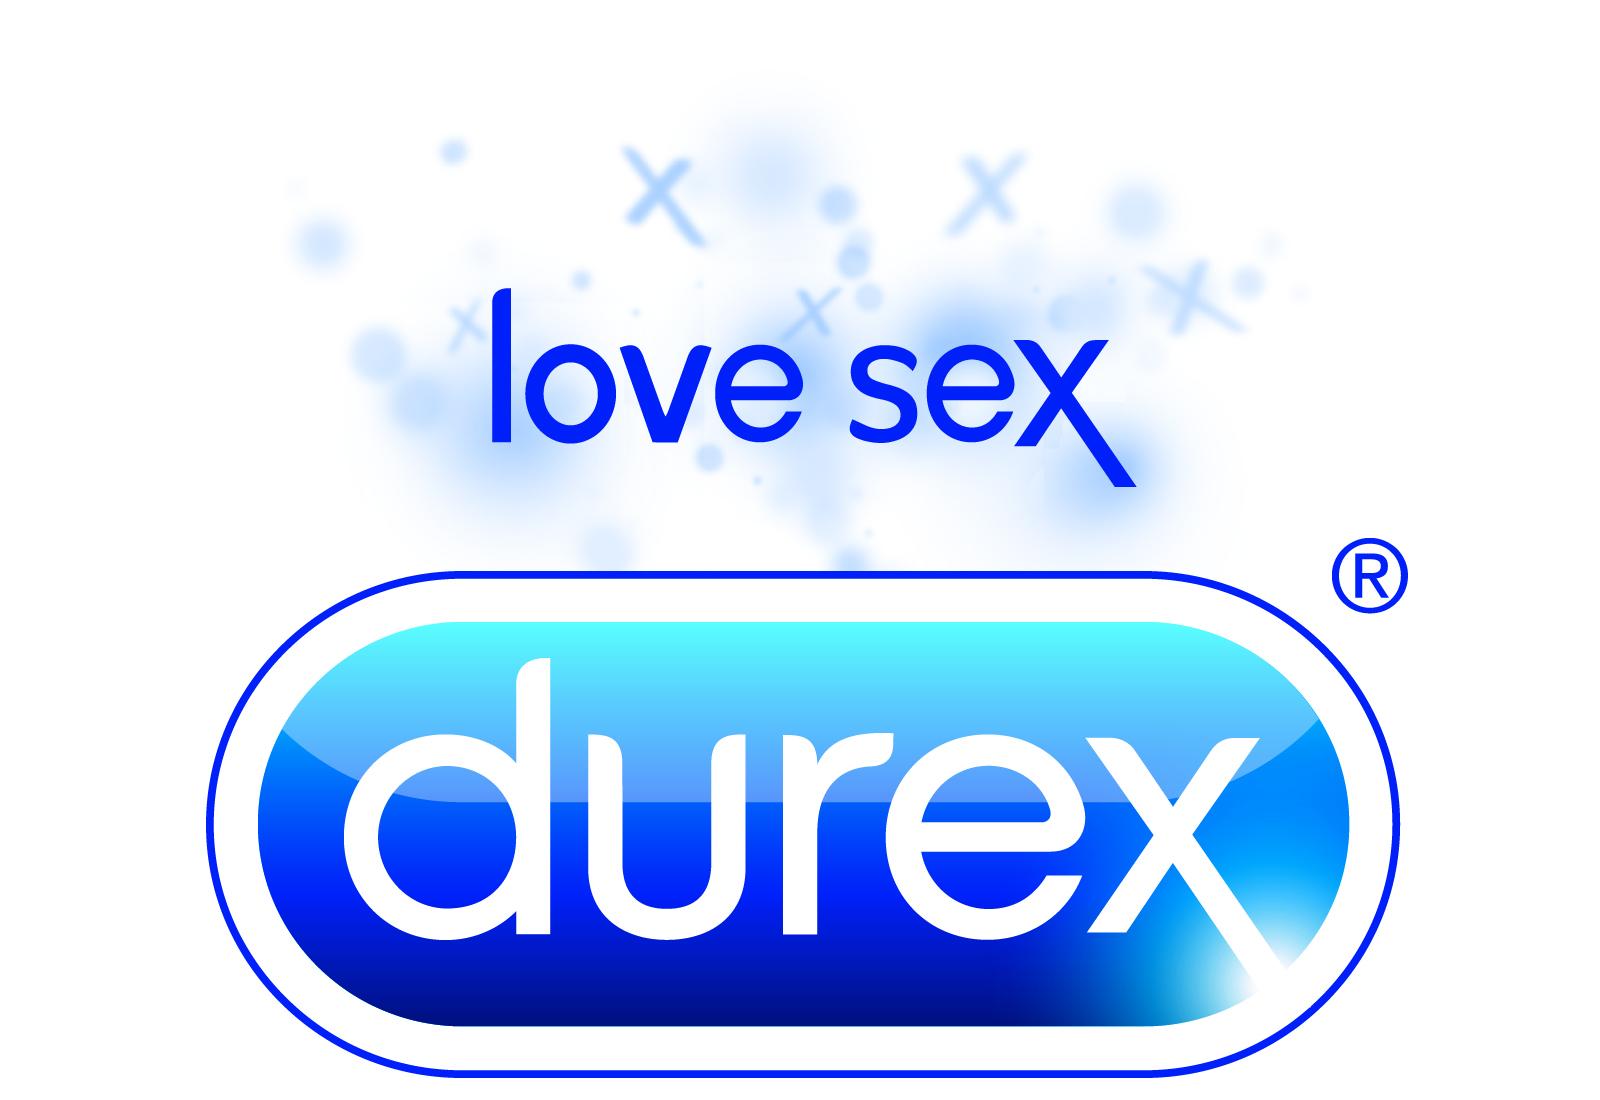 durex logo 5 jpg